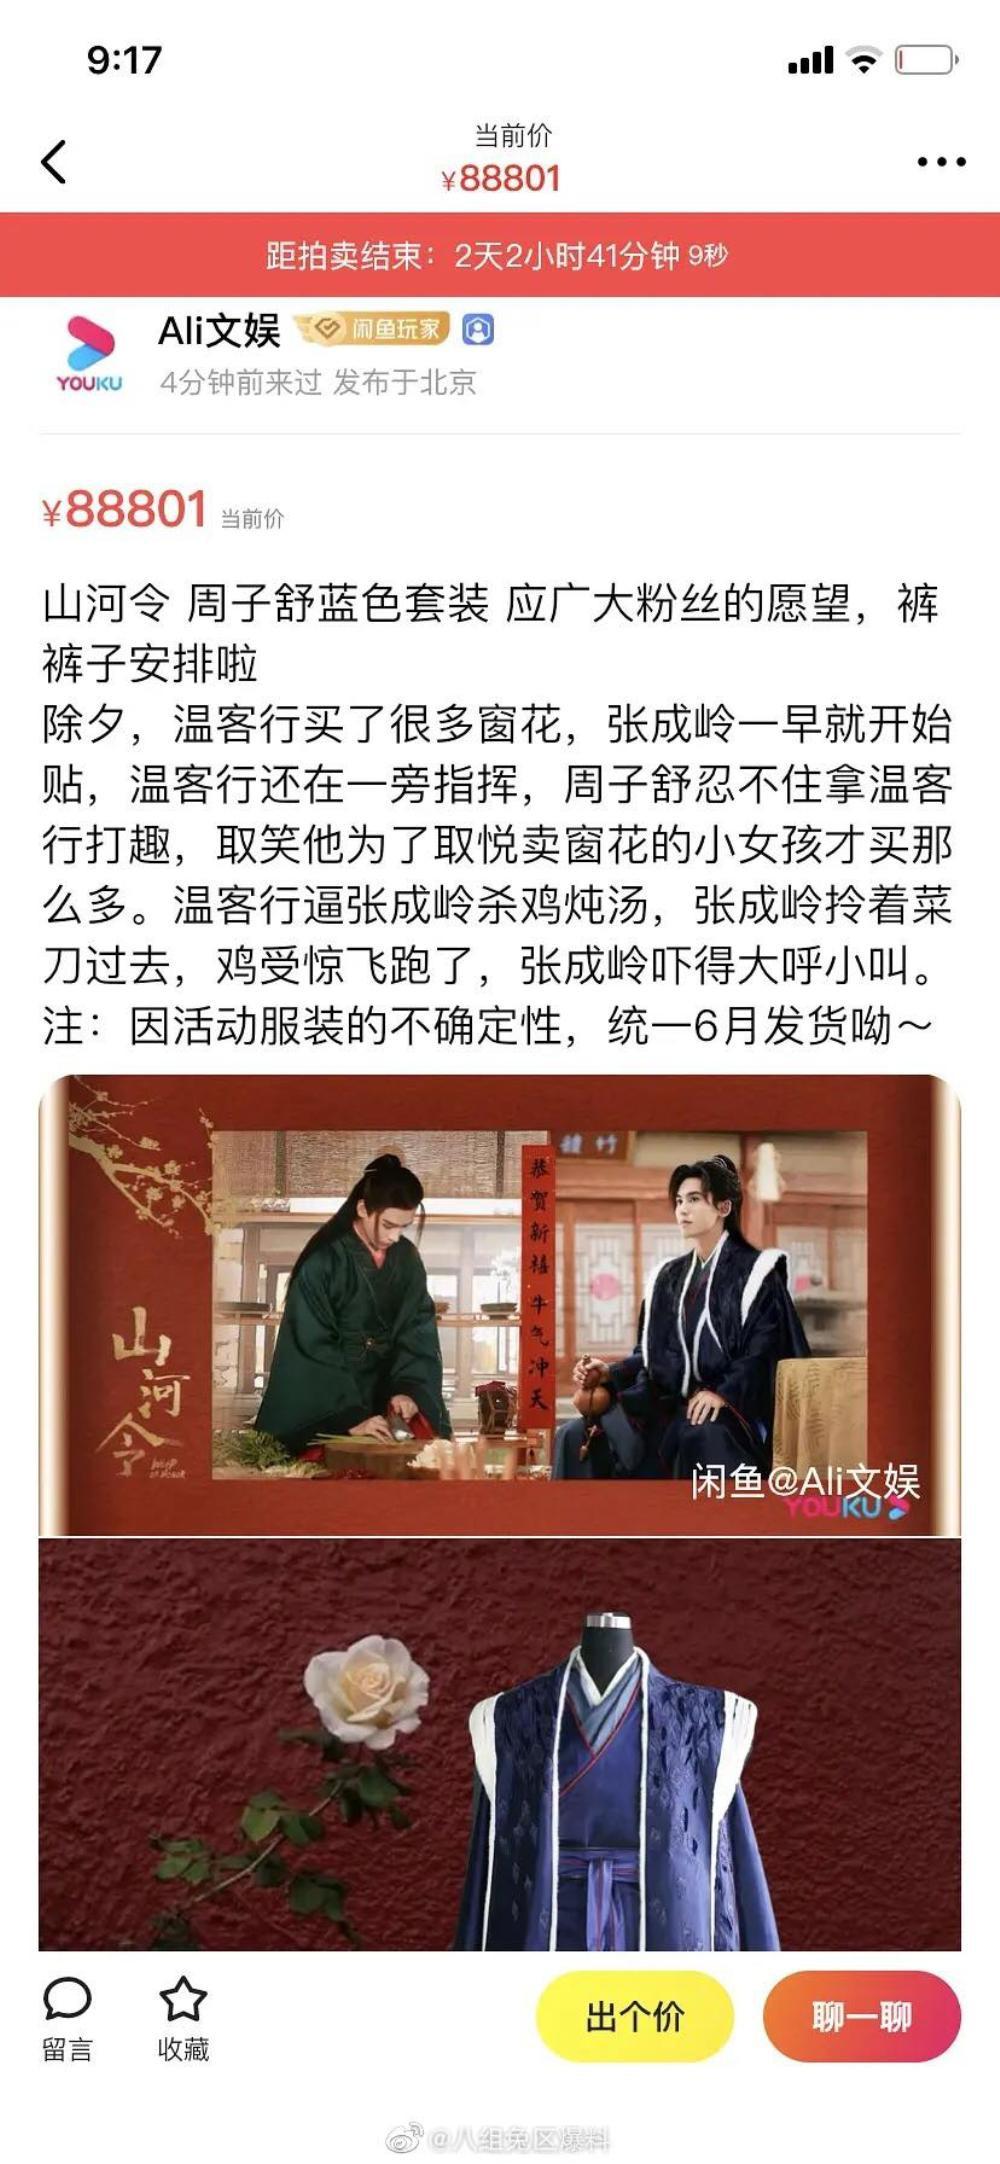 Dân mạng chỉ trích Sơn hà lệnh bòn tiền của fan: 'Mỉa mai Trần tình lệnh mà nay cũng y thế' Ảnh 6